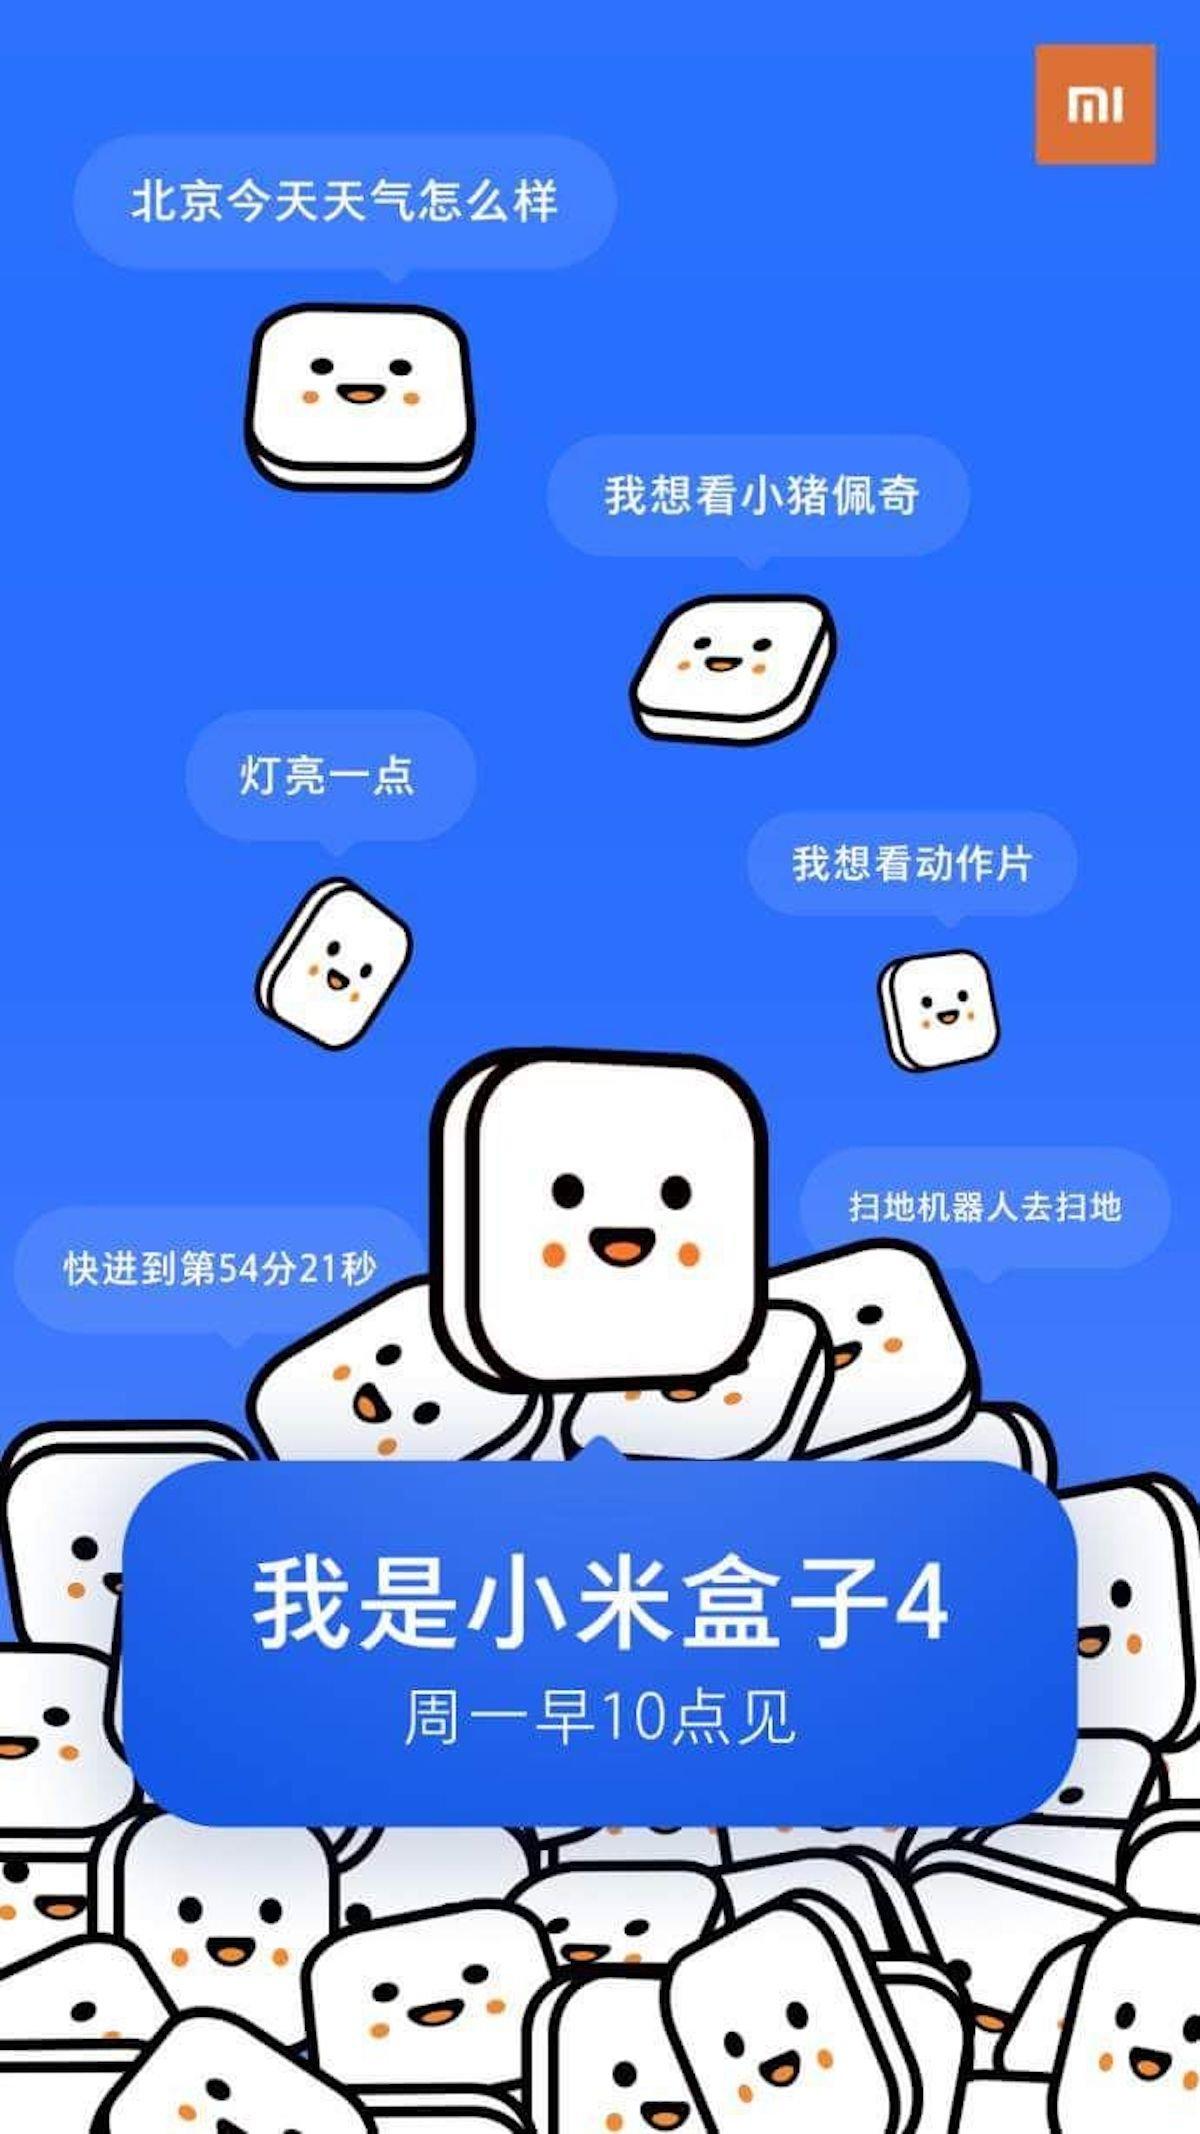 小米盒子 4 將搭載AI人工智慧語音功能? 1月29日即將發表! - 傳說中的挨踢部門